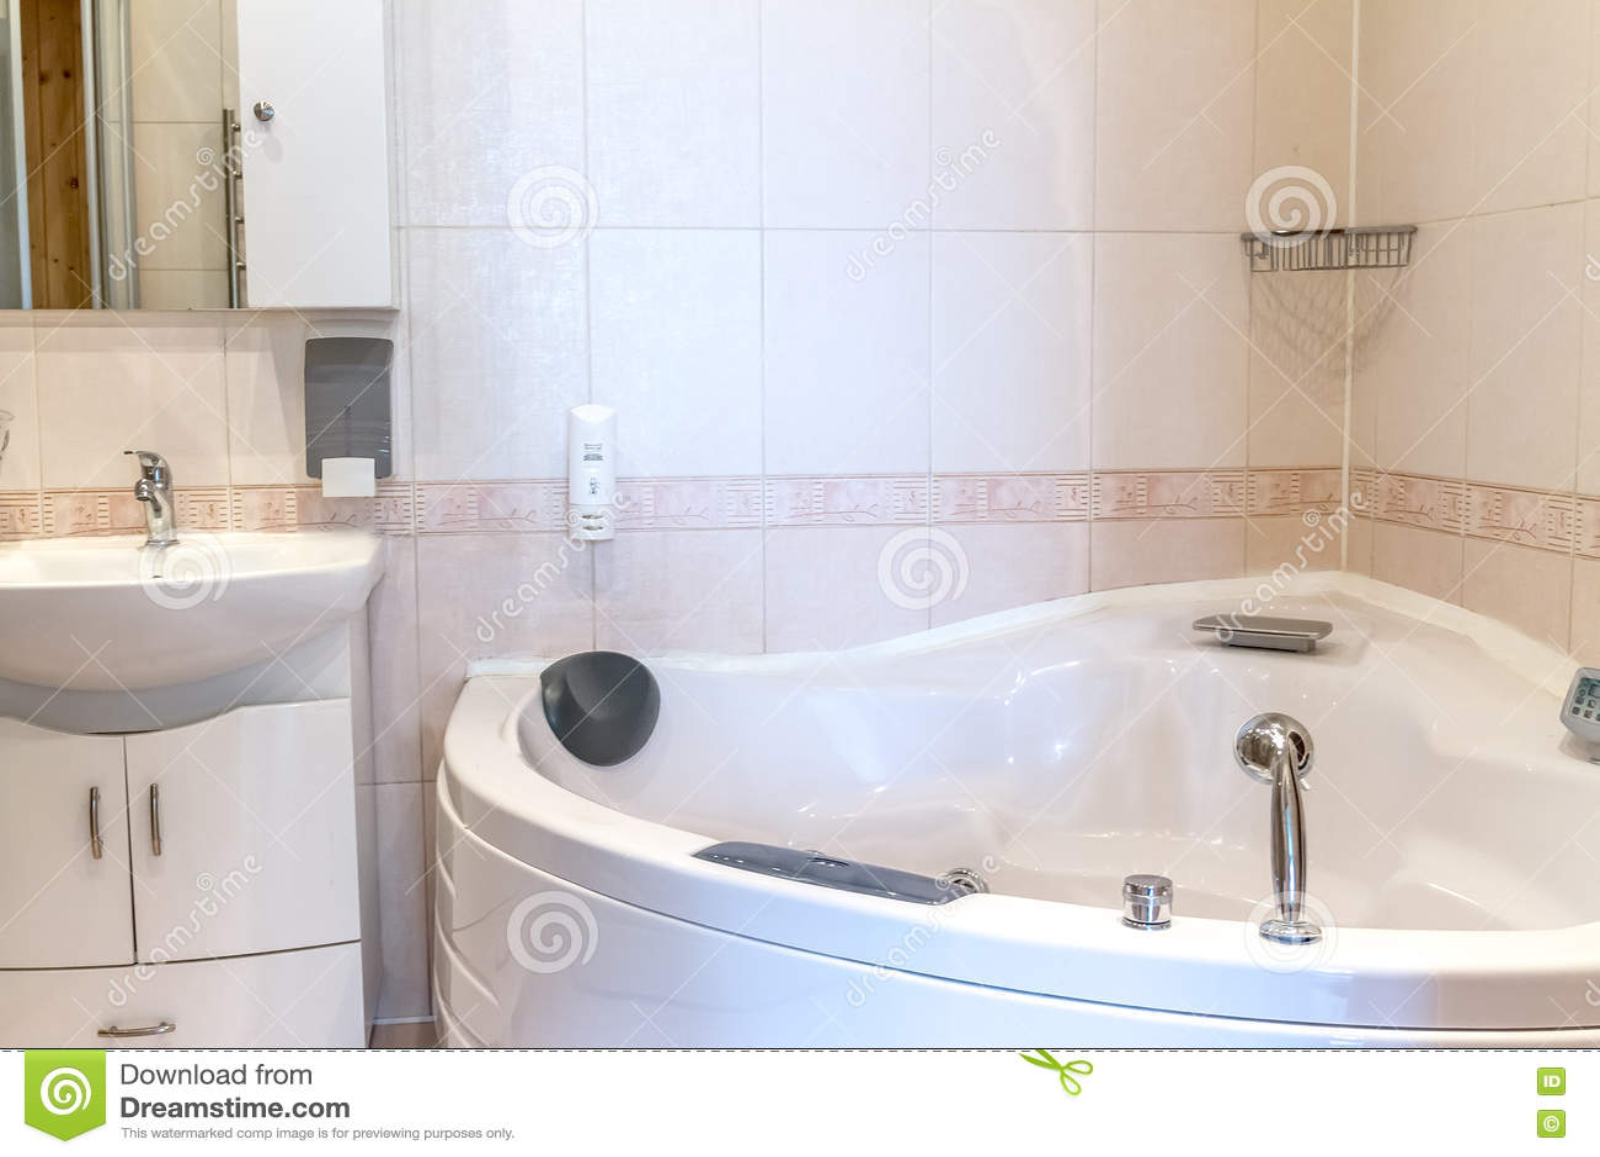 Bathtube De Jacuzzi Dans La Salle De Bains, La Maison Ou L\'hôtel ...